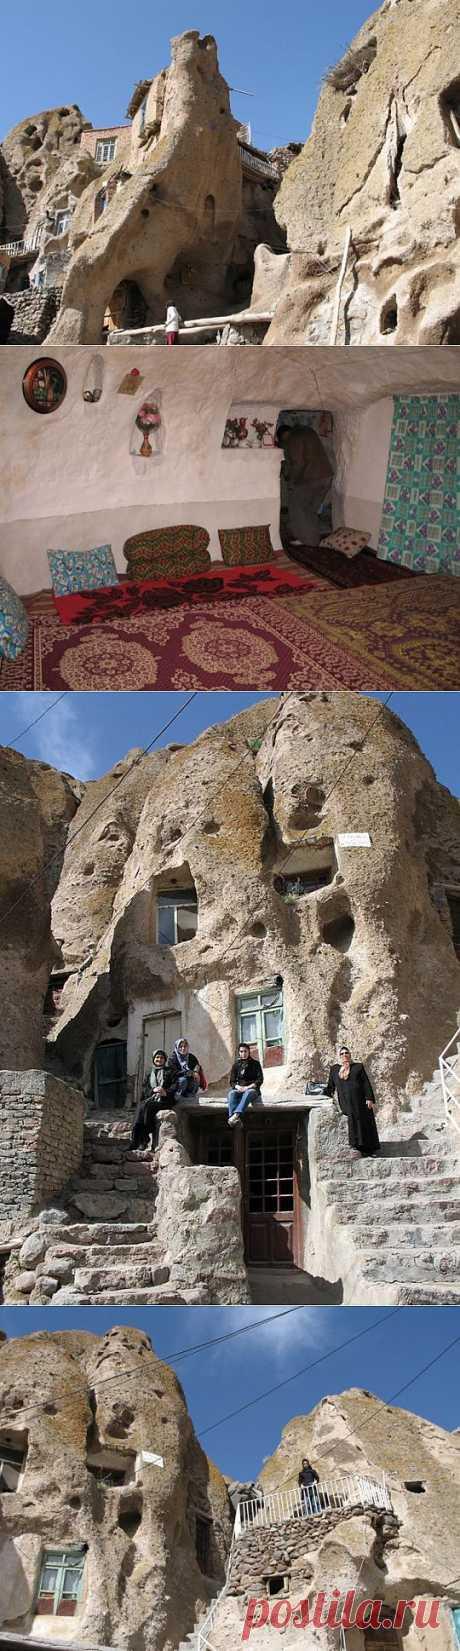 (+1) тема - Деревня, вырезанная в скалах. Иран | ТУРИЗМ И ОТДЫХ